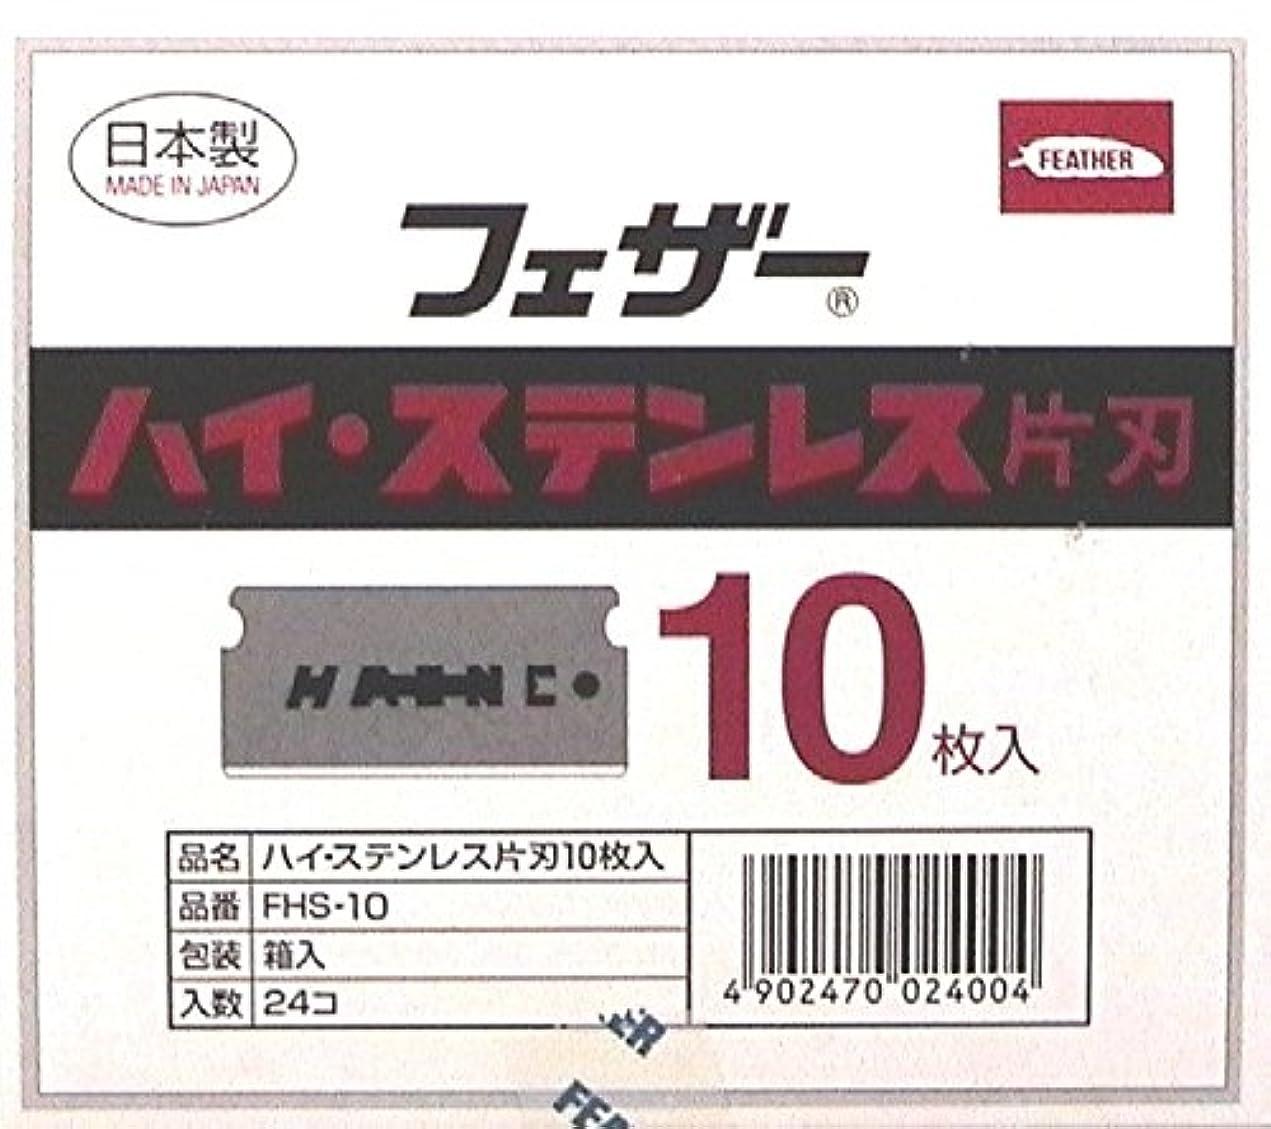 これら歯用量フェザー ハイ?ステンレス 片刃 FHS-10 箱入り10枚入り×24箱(240枚入り)